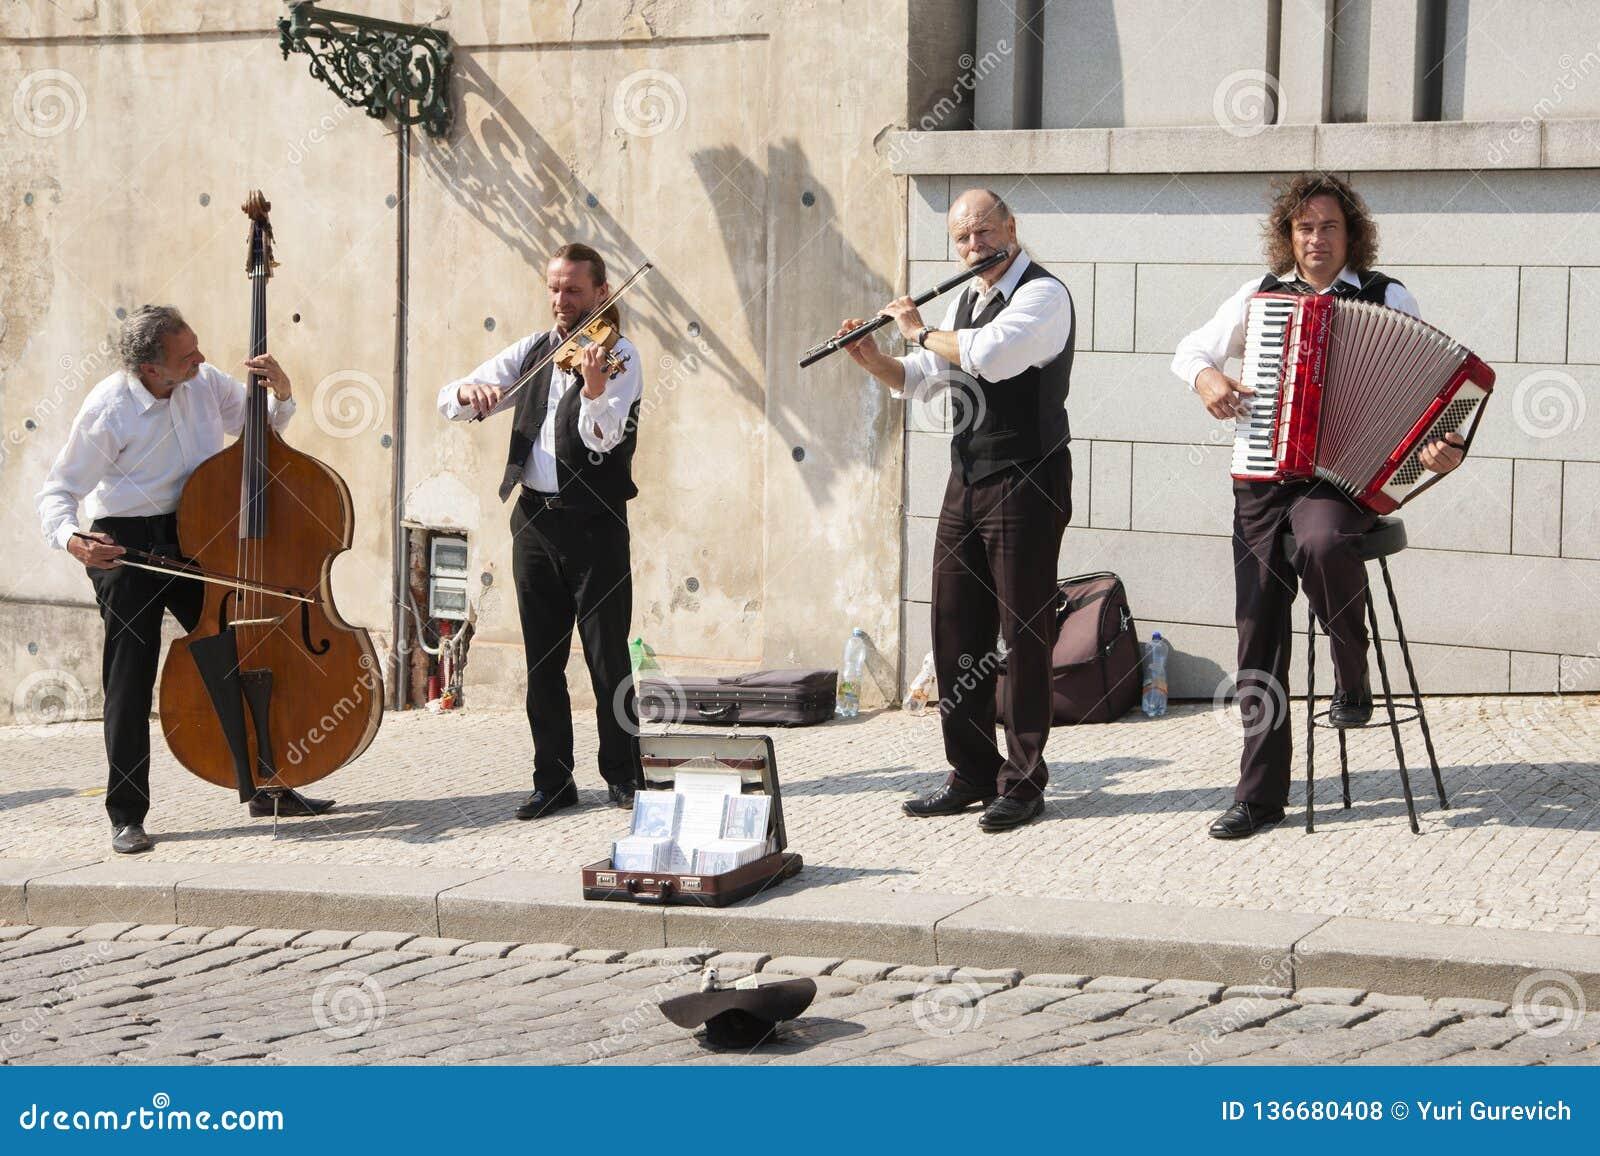 Praga, republika czech - Kwiecień 19, 2011: Kwartet muzycy bawić się instrumenty muzycznych dla turystów na ulicie w Praga